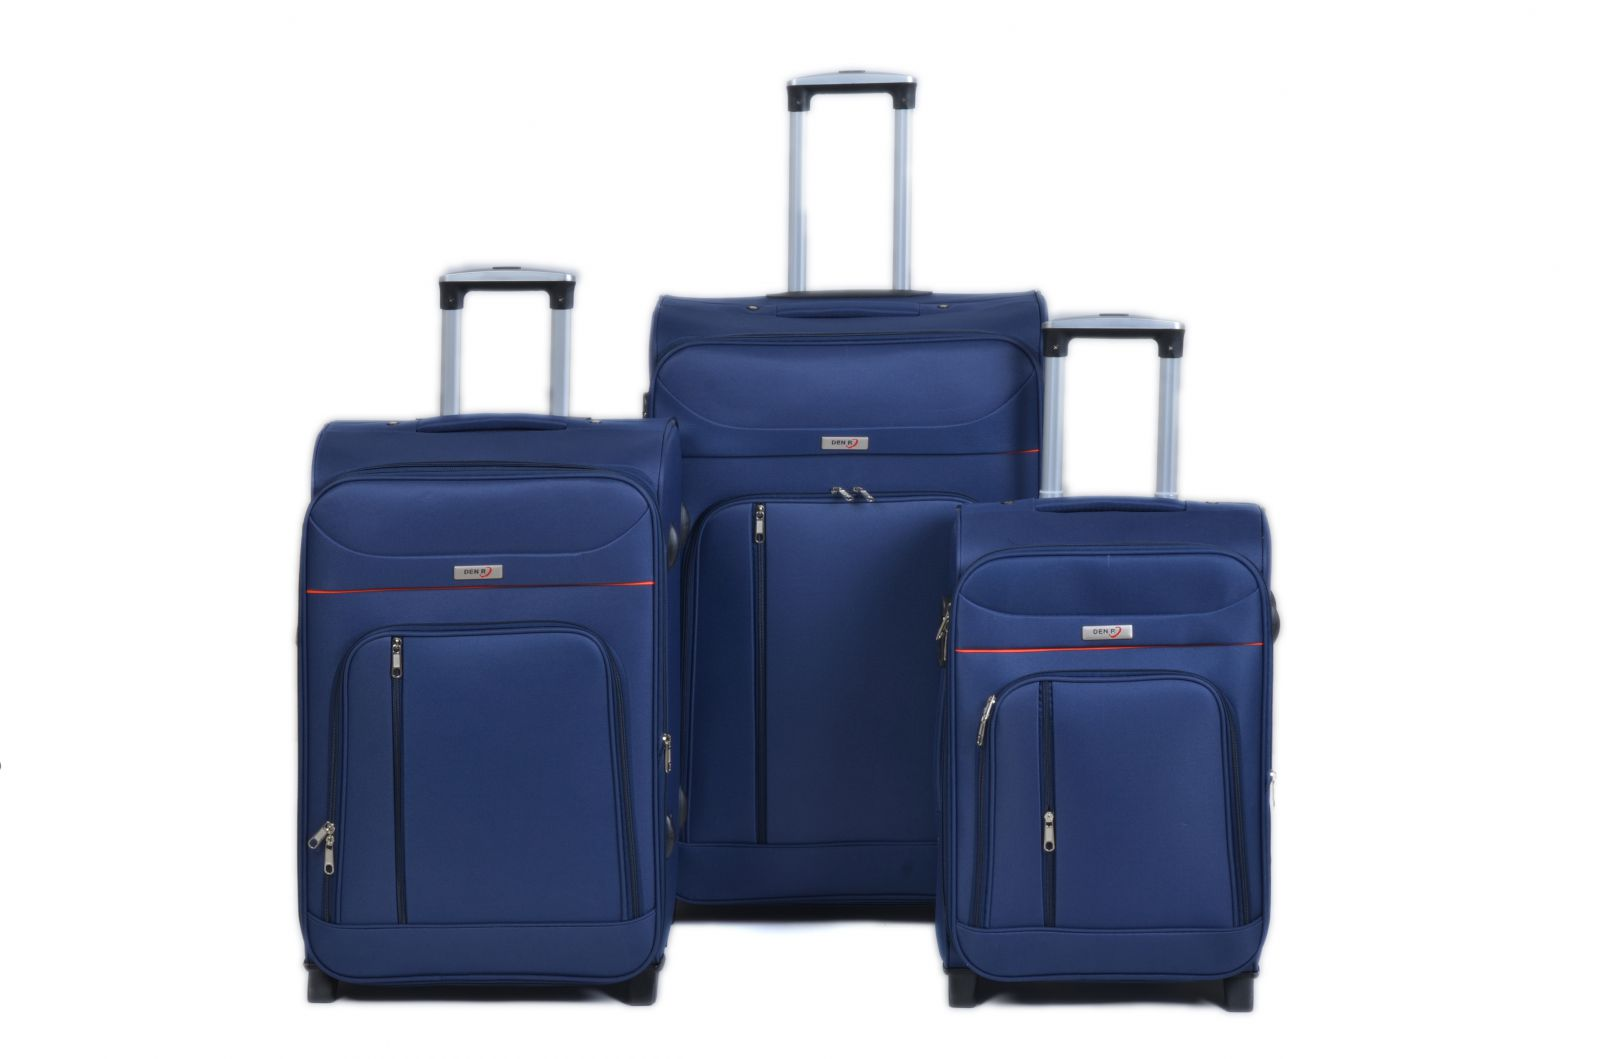 Trolley-CASE TC-B887 sada 3 kufru modrá